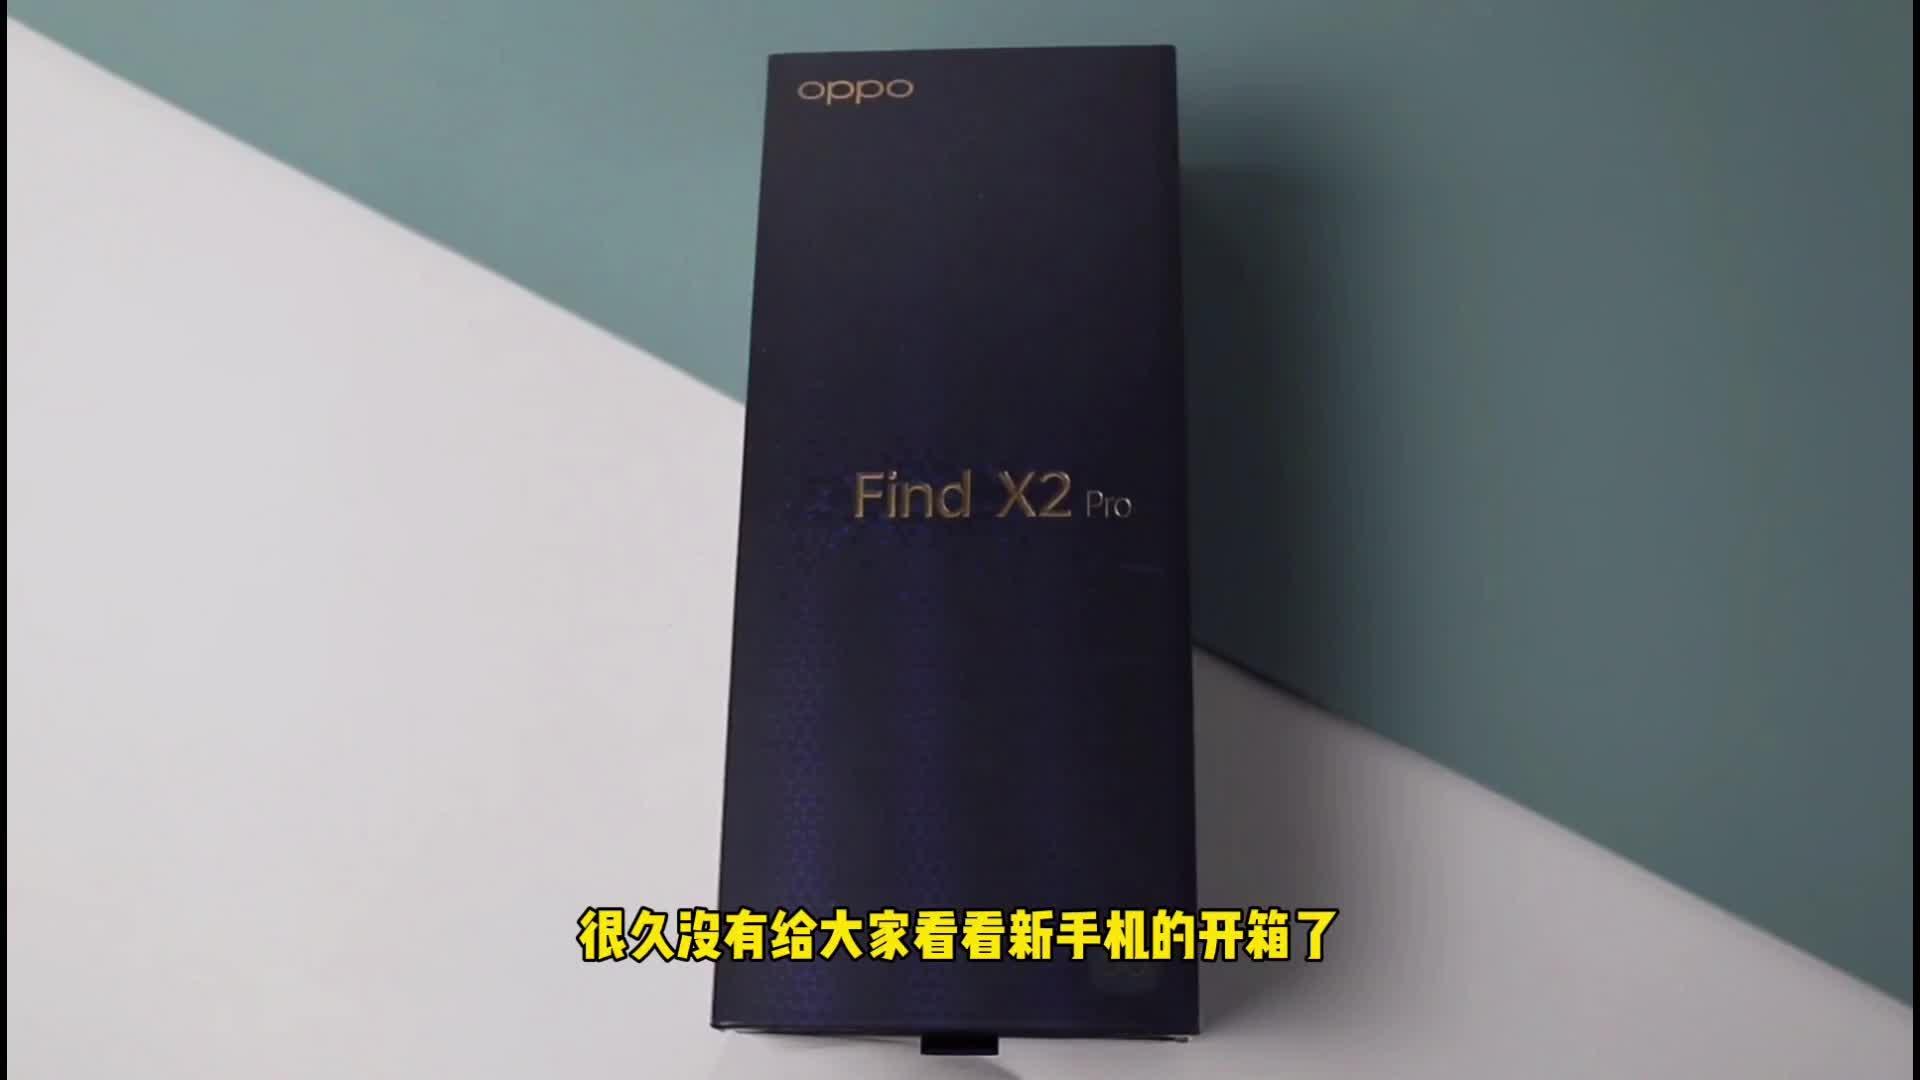 OPPO FiND X2简单开箱